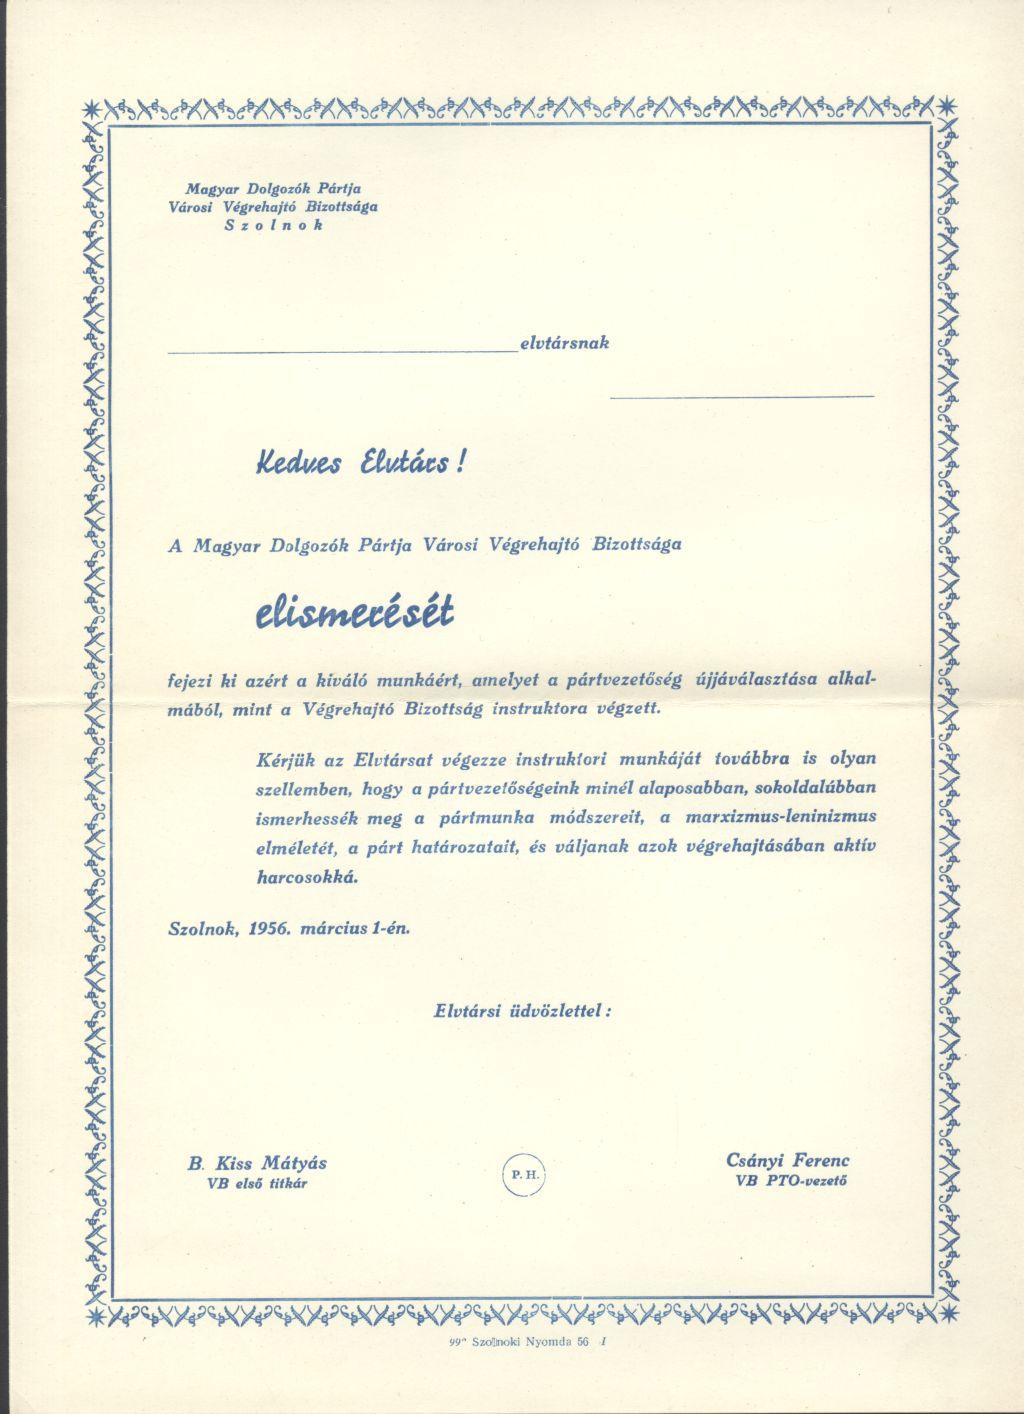 MDP városi Végrehajtó Bizottságának elismerése